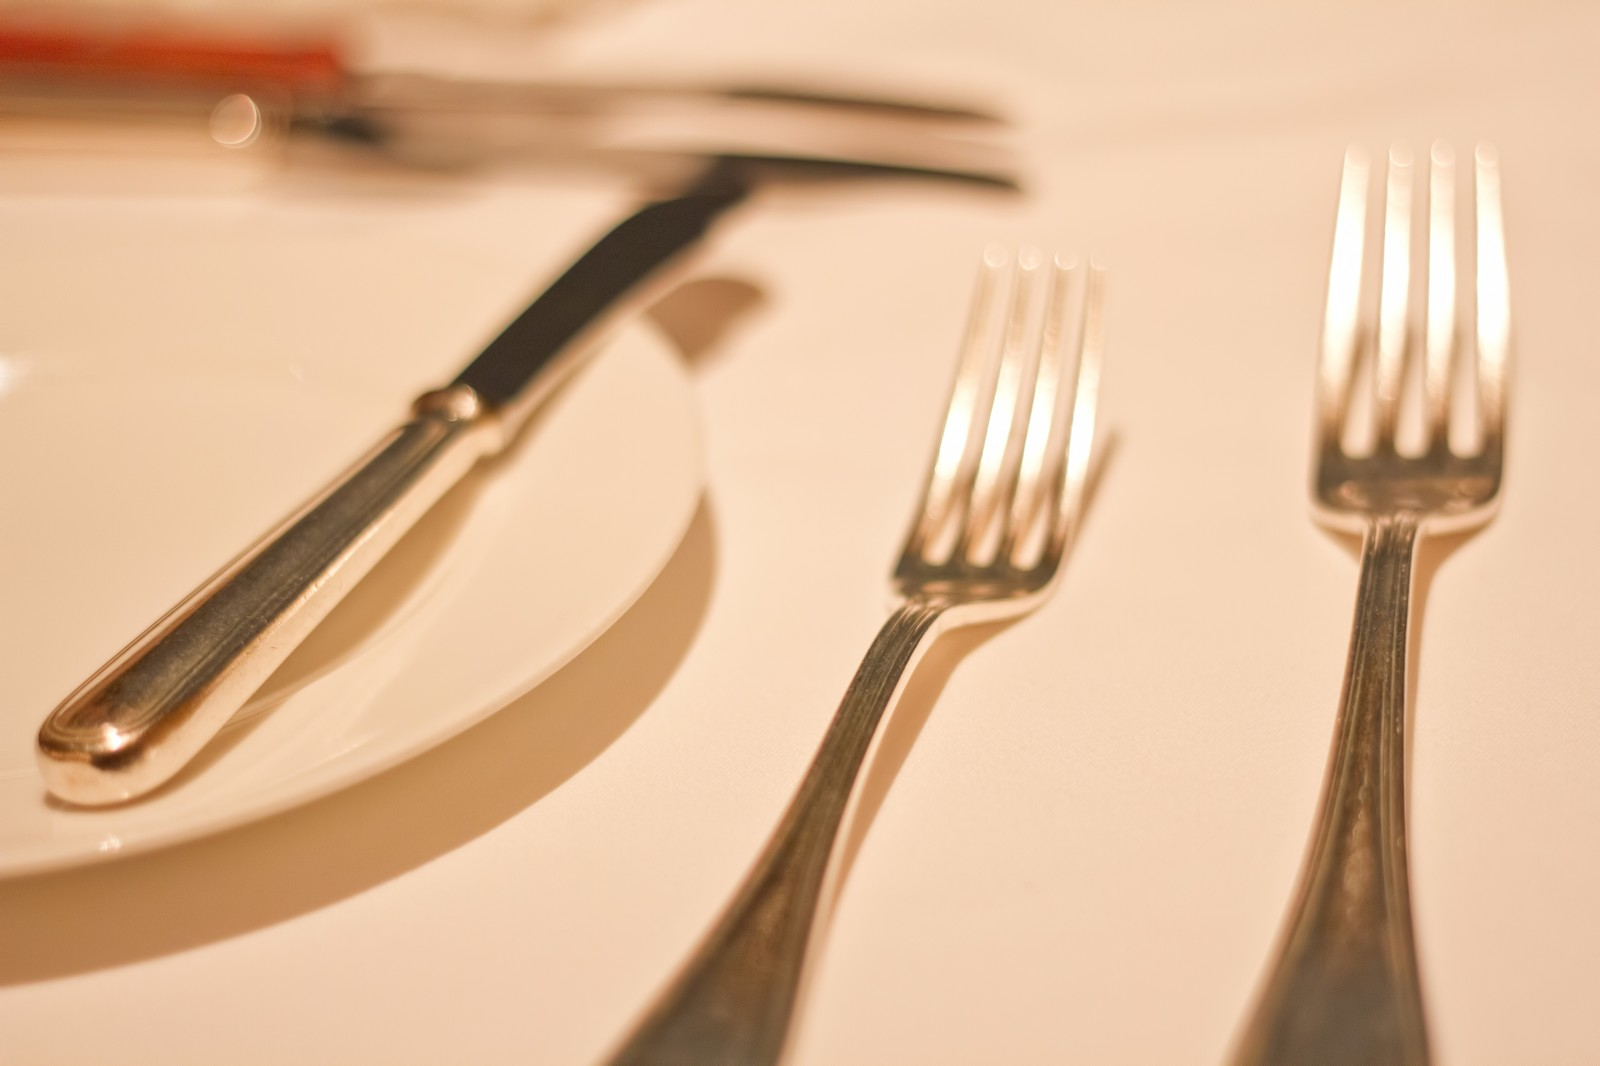 「銀のフォークとお皿銀のフォークとお皿」のフリー写真素材を拡大